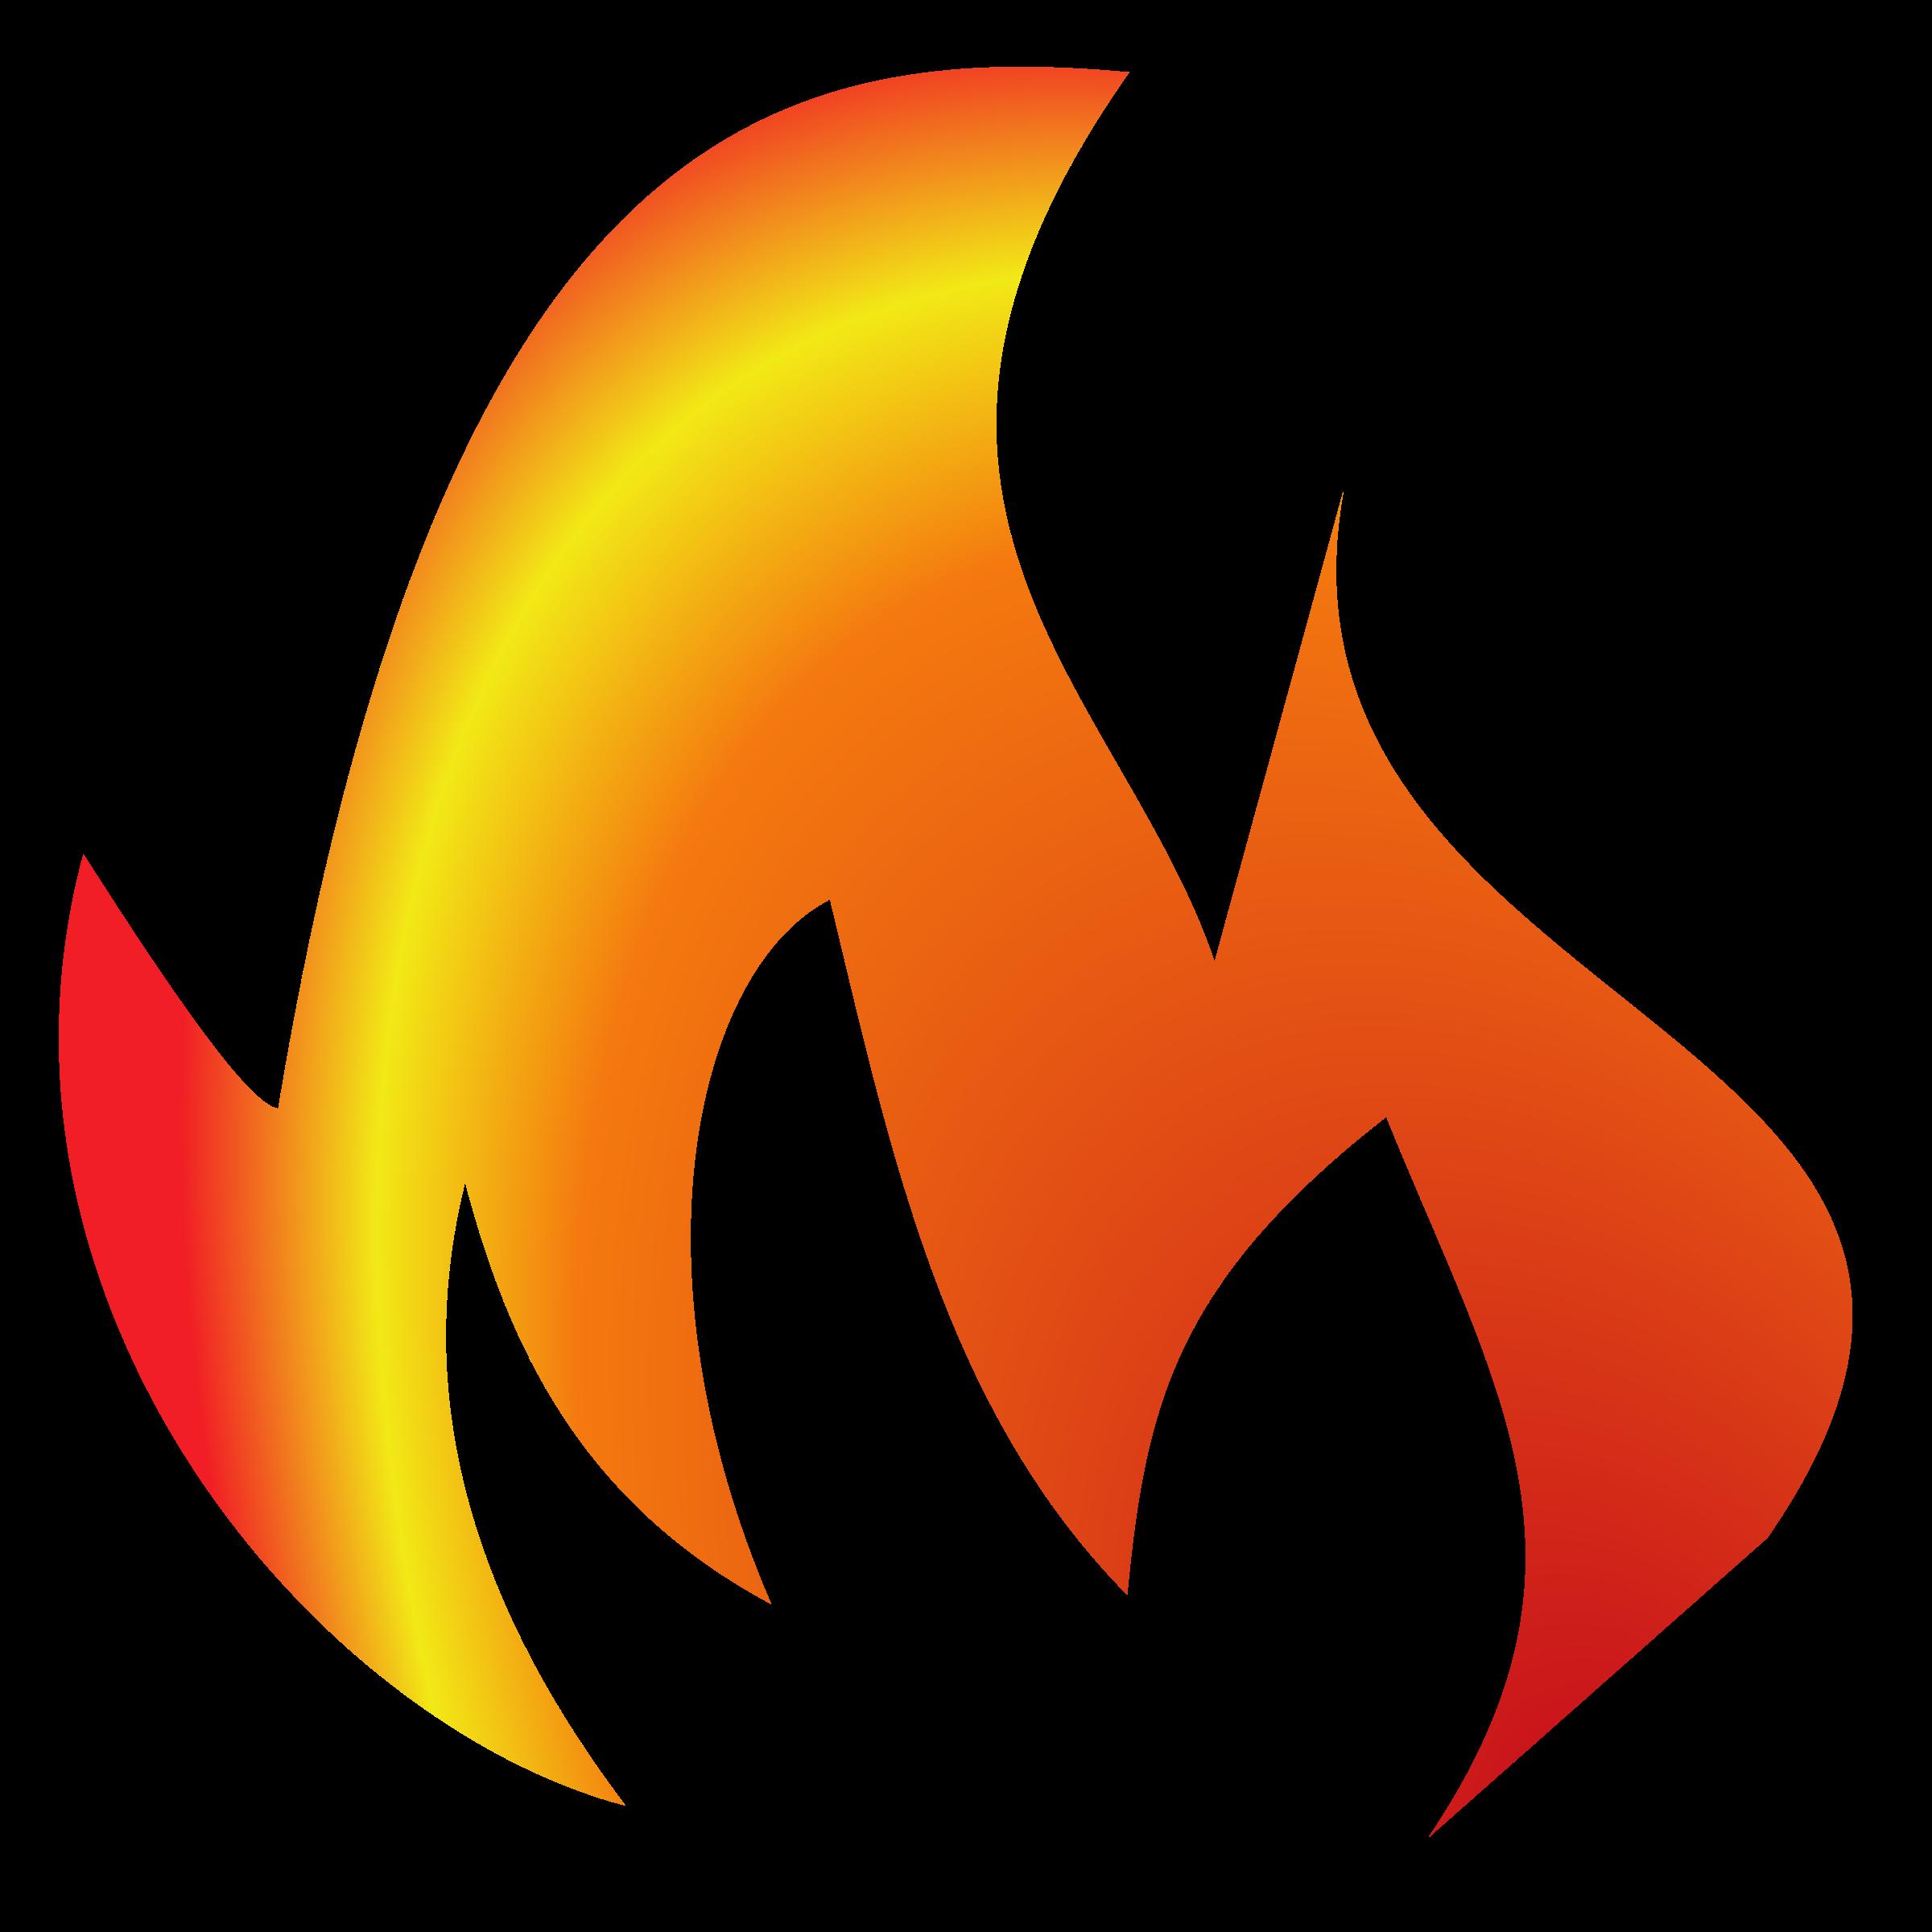 Fire clipart 7.